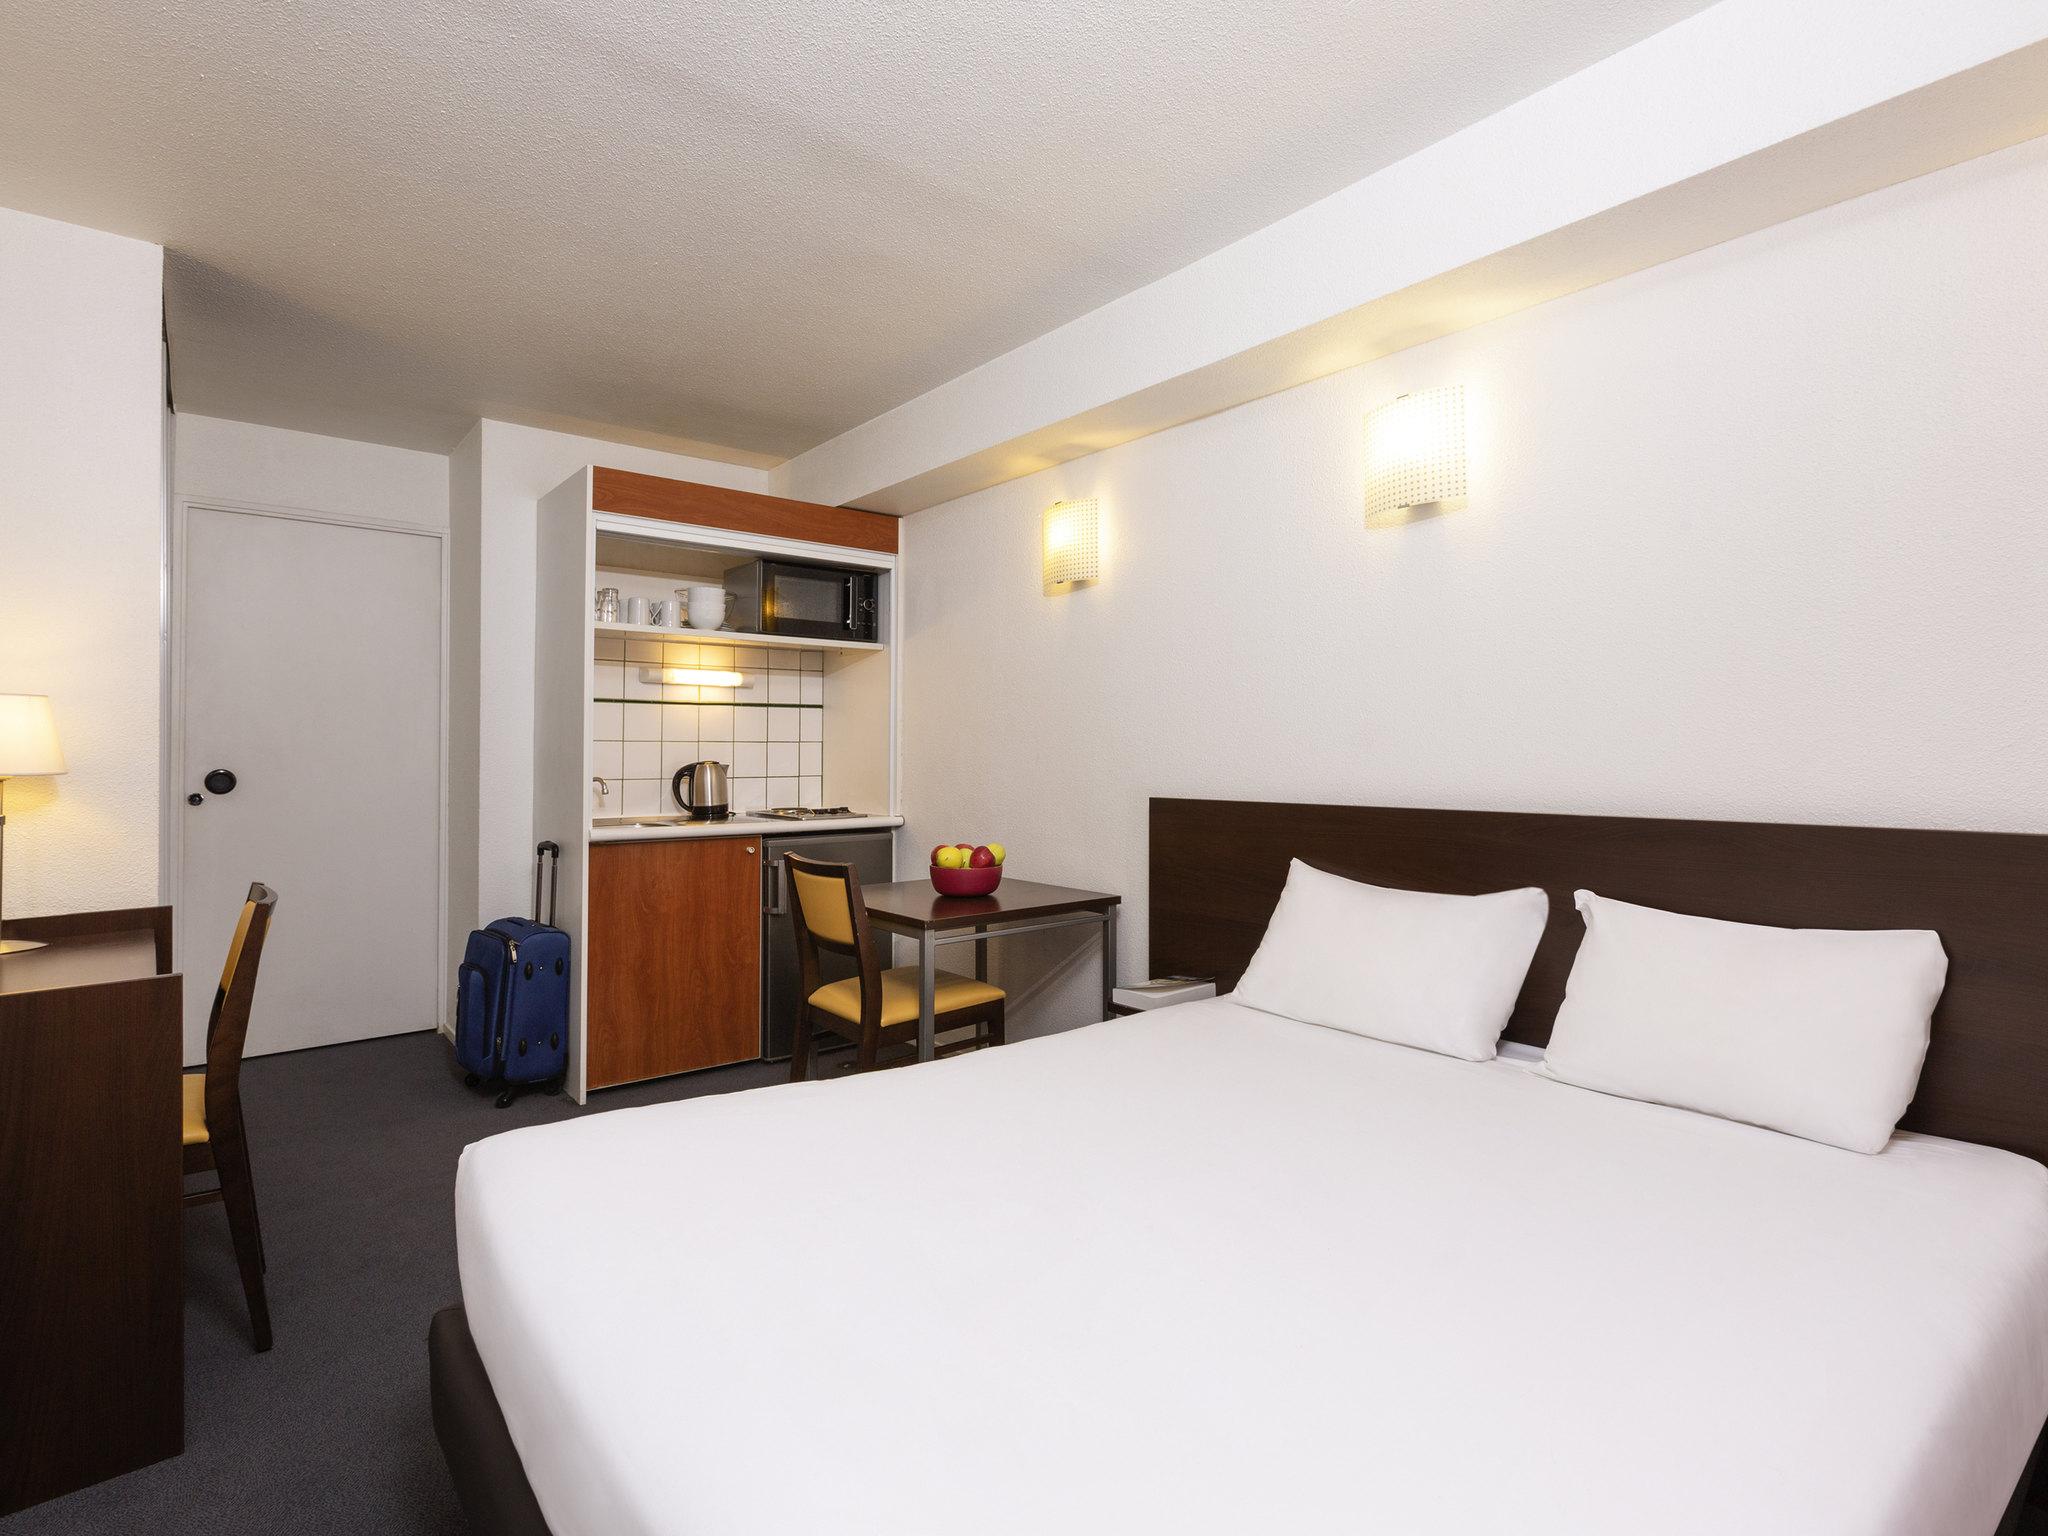 酒店 – 阿德吉奥阿克瑟斯拉德芳斯莱昂纳德达芬奇公寓式酒店